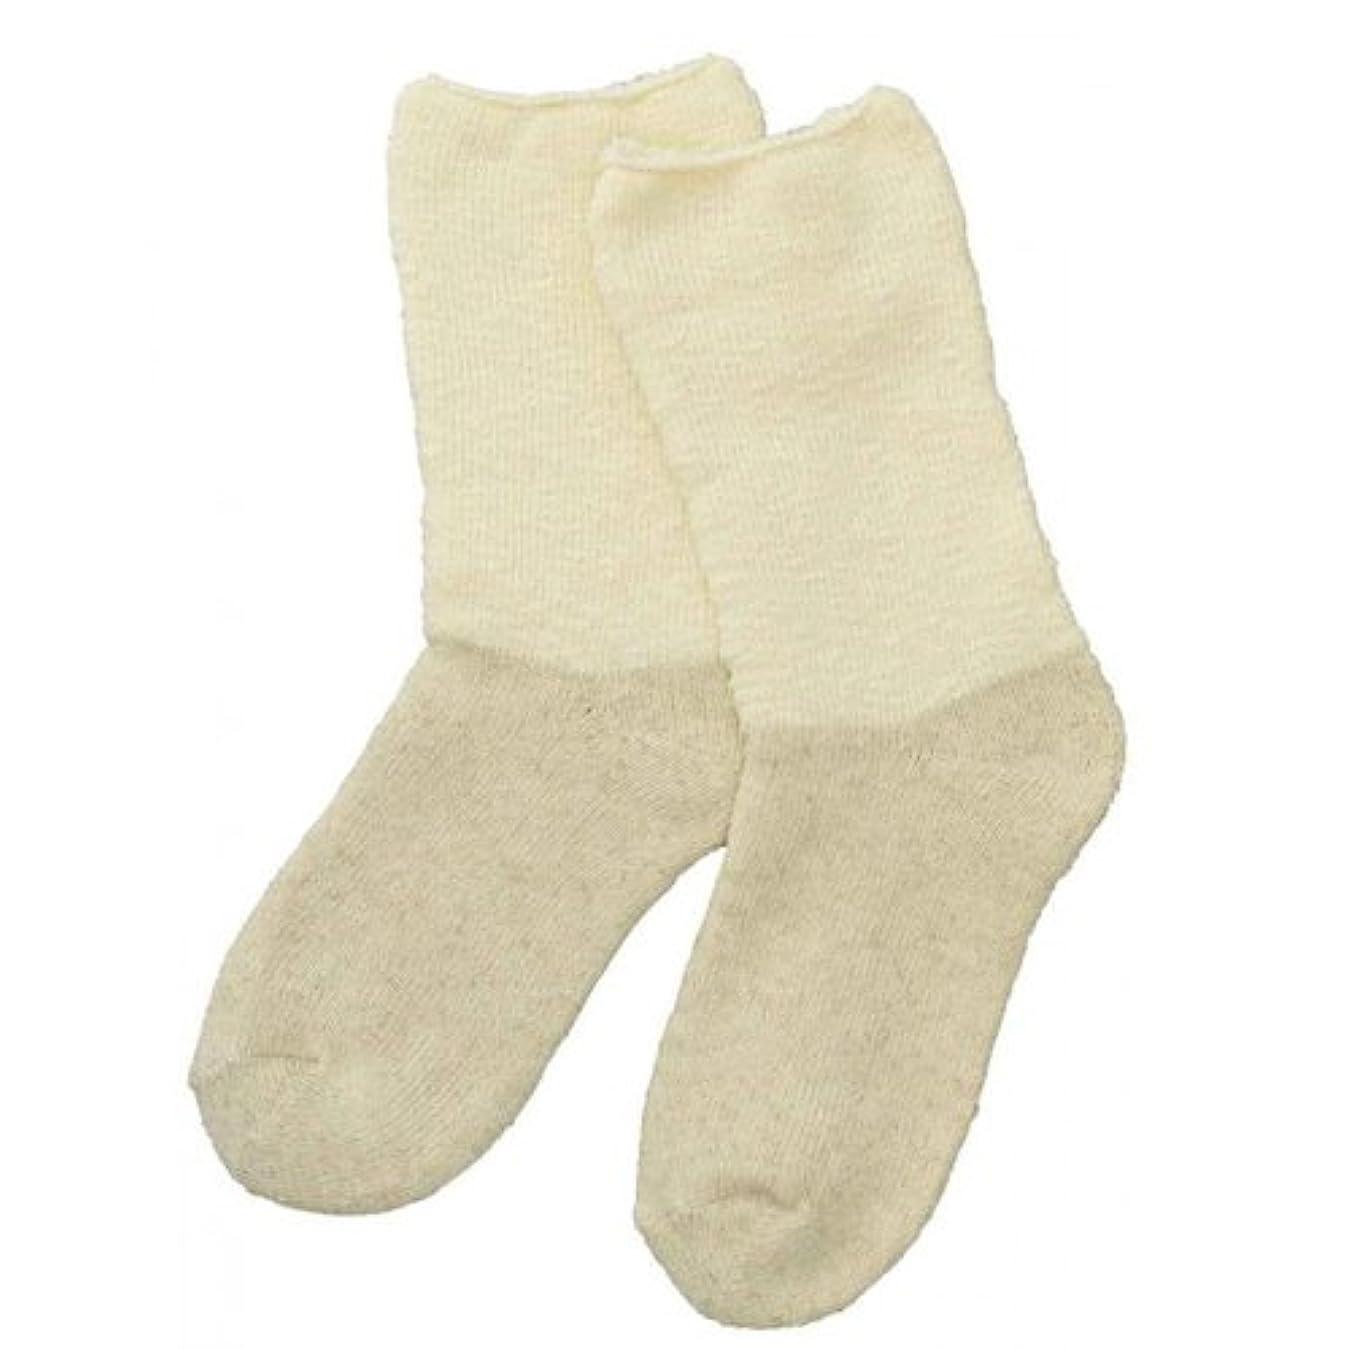 耐えるペグ消毒剤Carelance(ケアランス)お風呂上りのやさしい靴下 綿麻パイルで足先さわやか 8706CA-31 クリーム